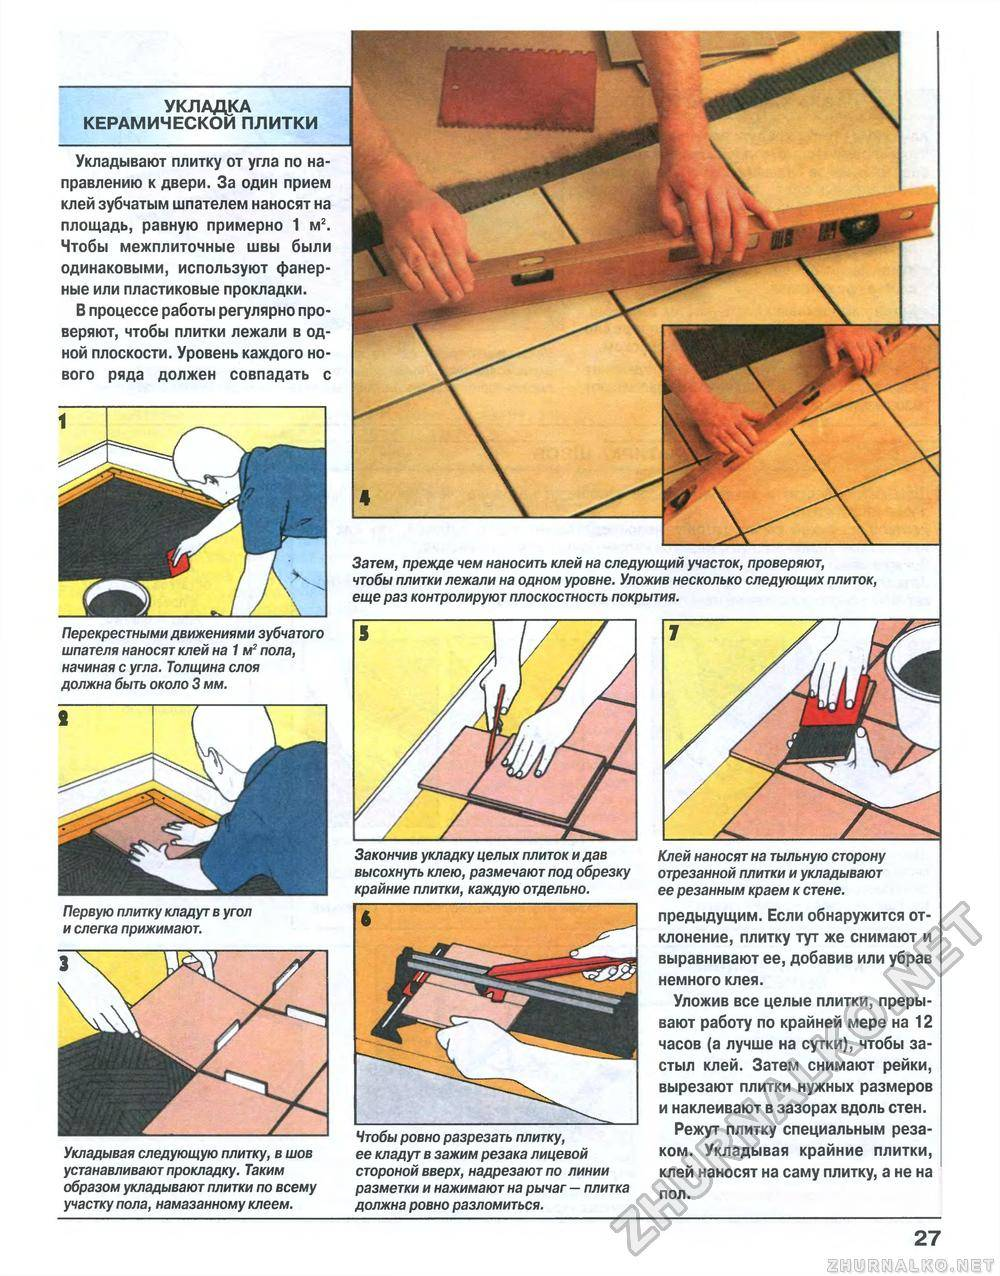 Как правильно класть плитку на пол в ванной?